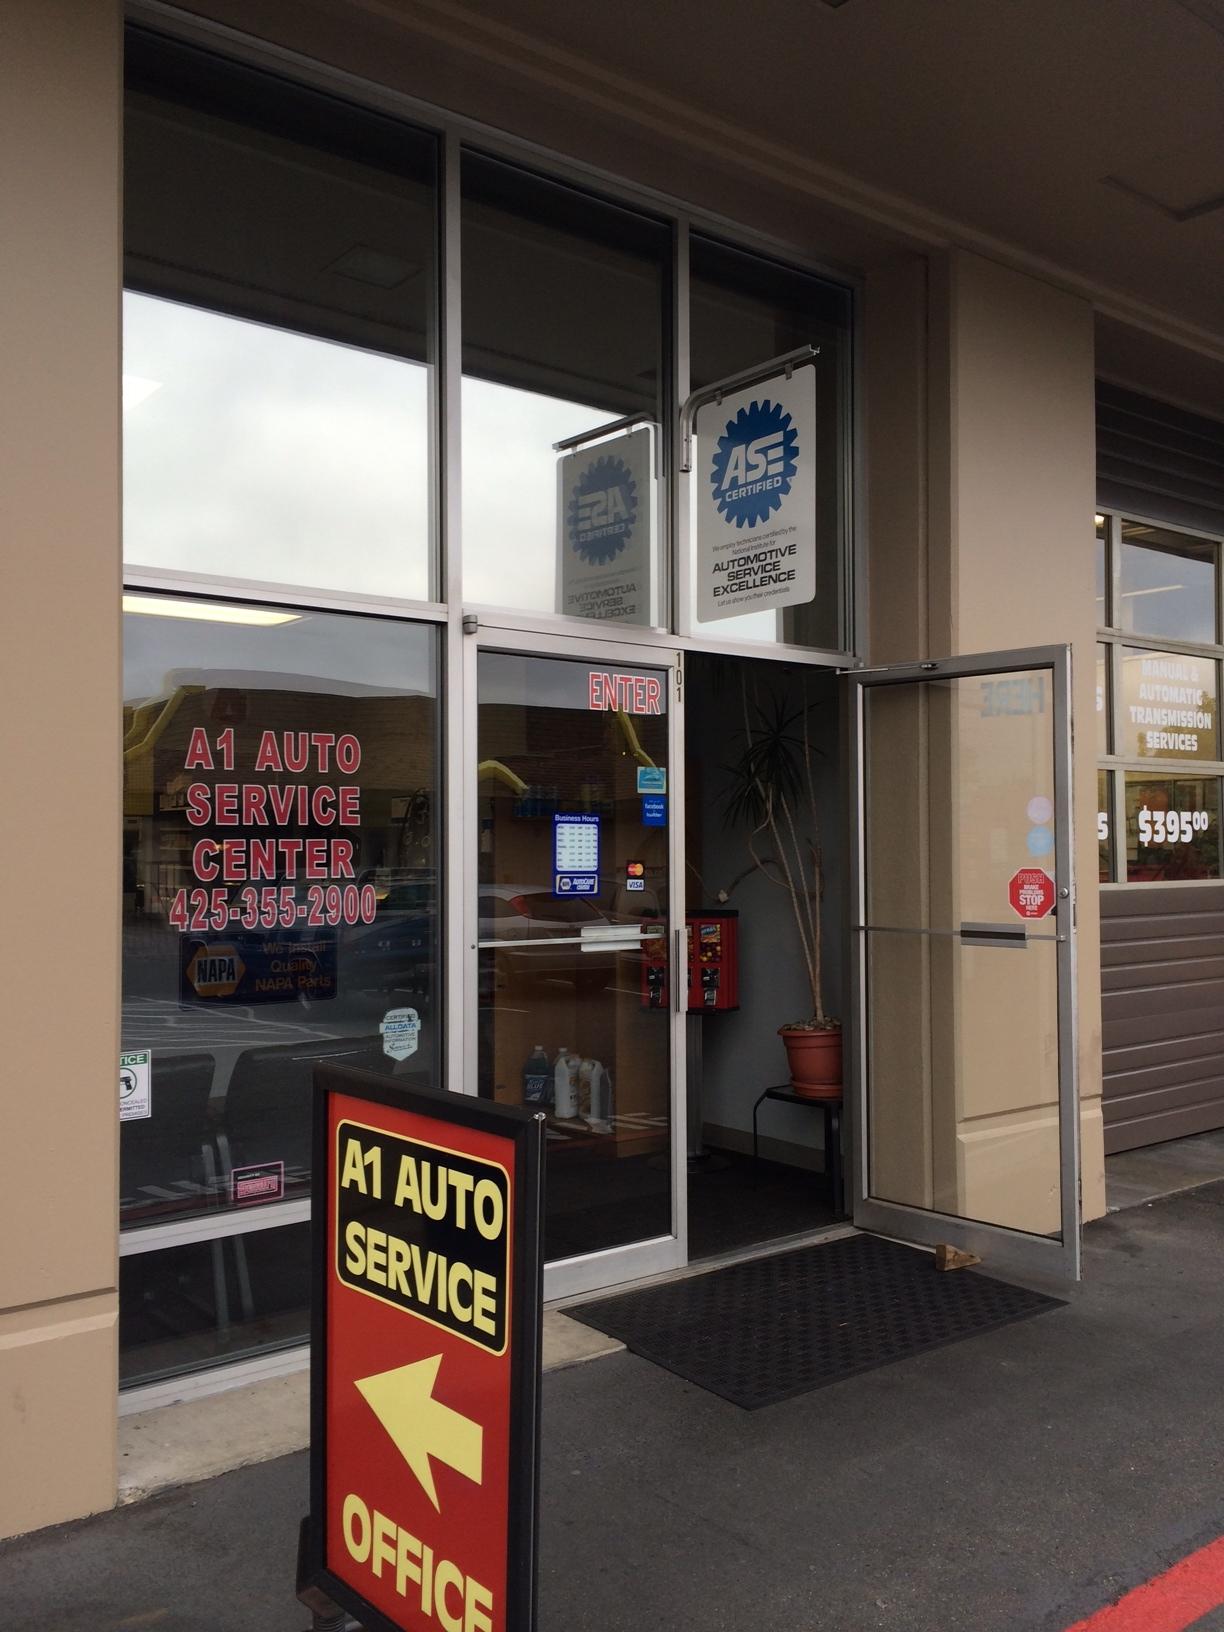 Auto Service Center : A auto service center everett washington